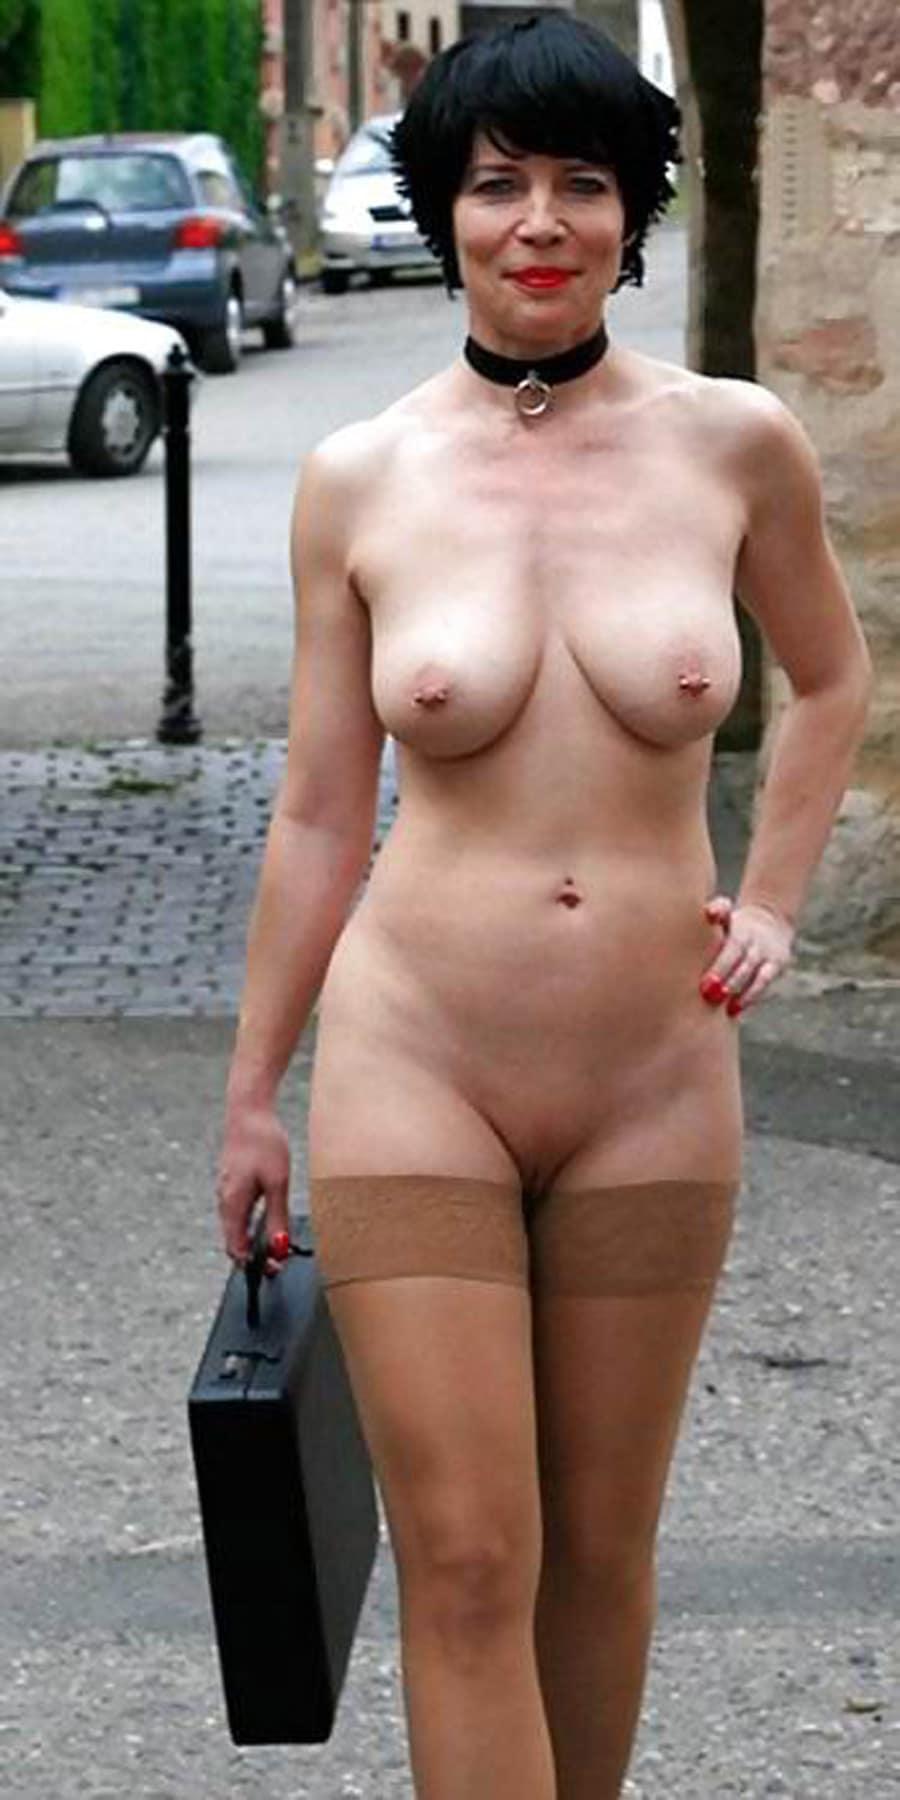 salope nue photo exhibitionniste femme